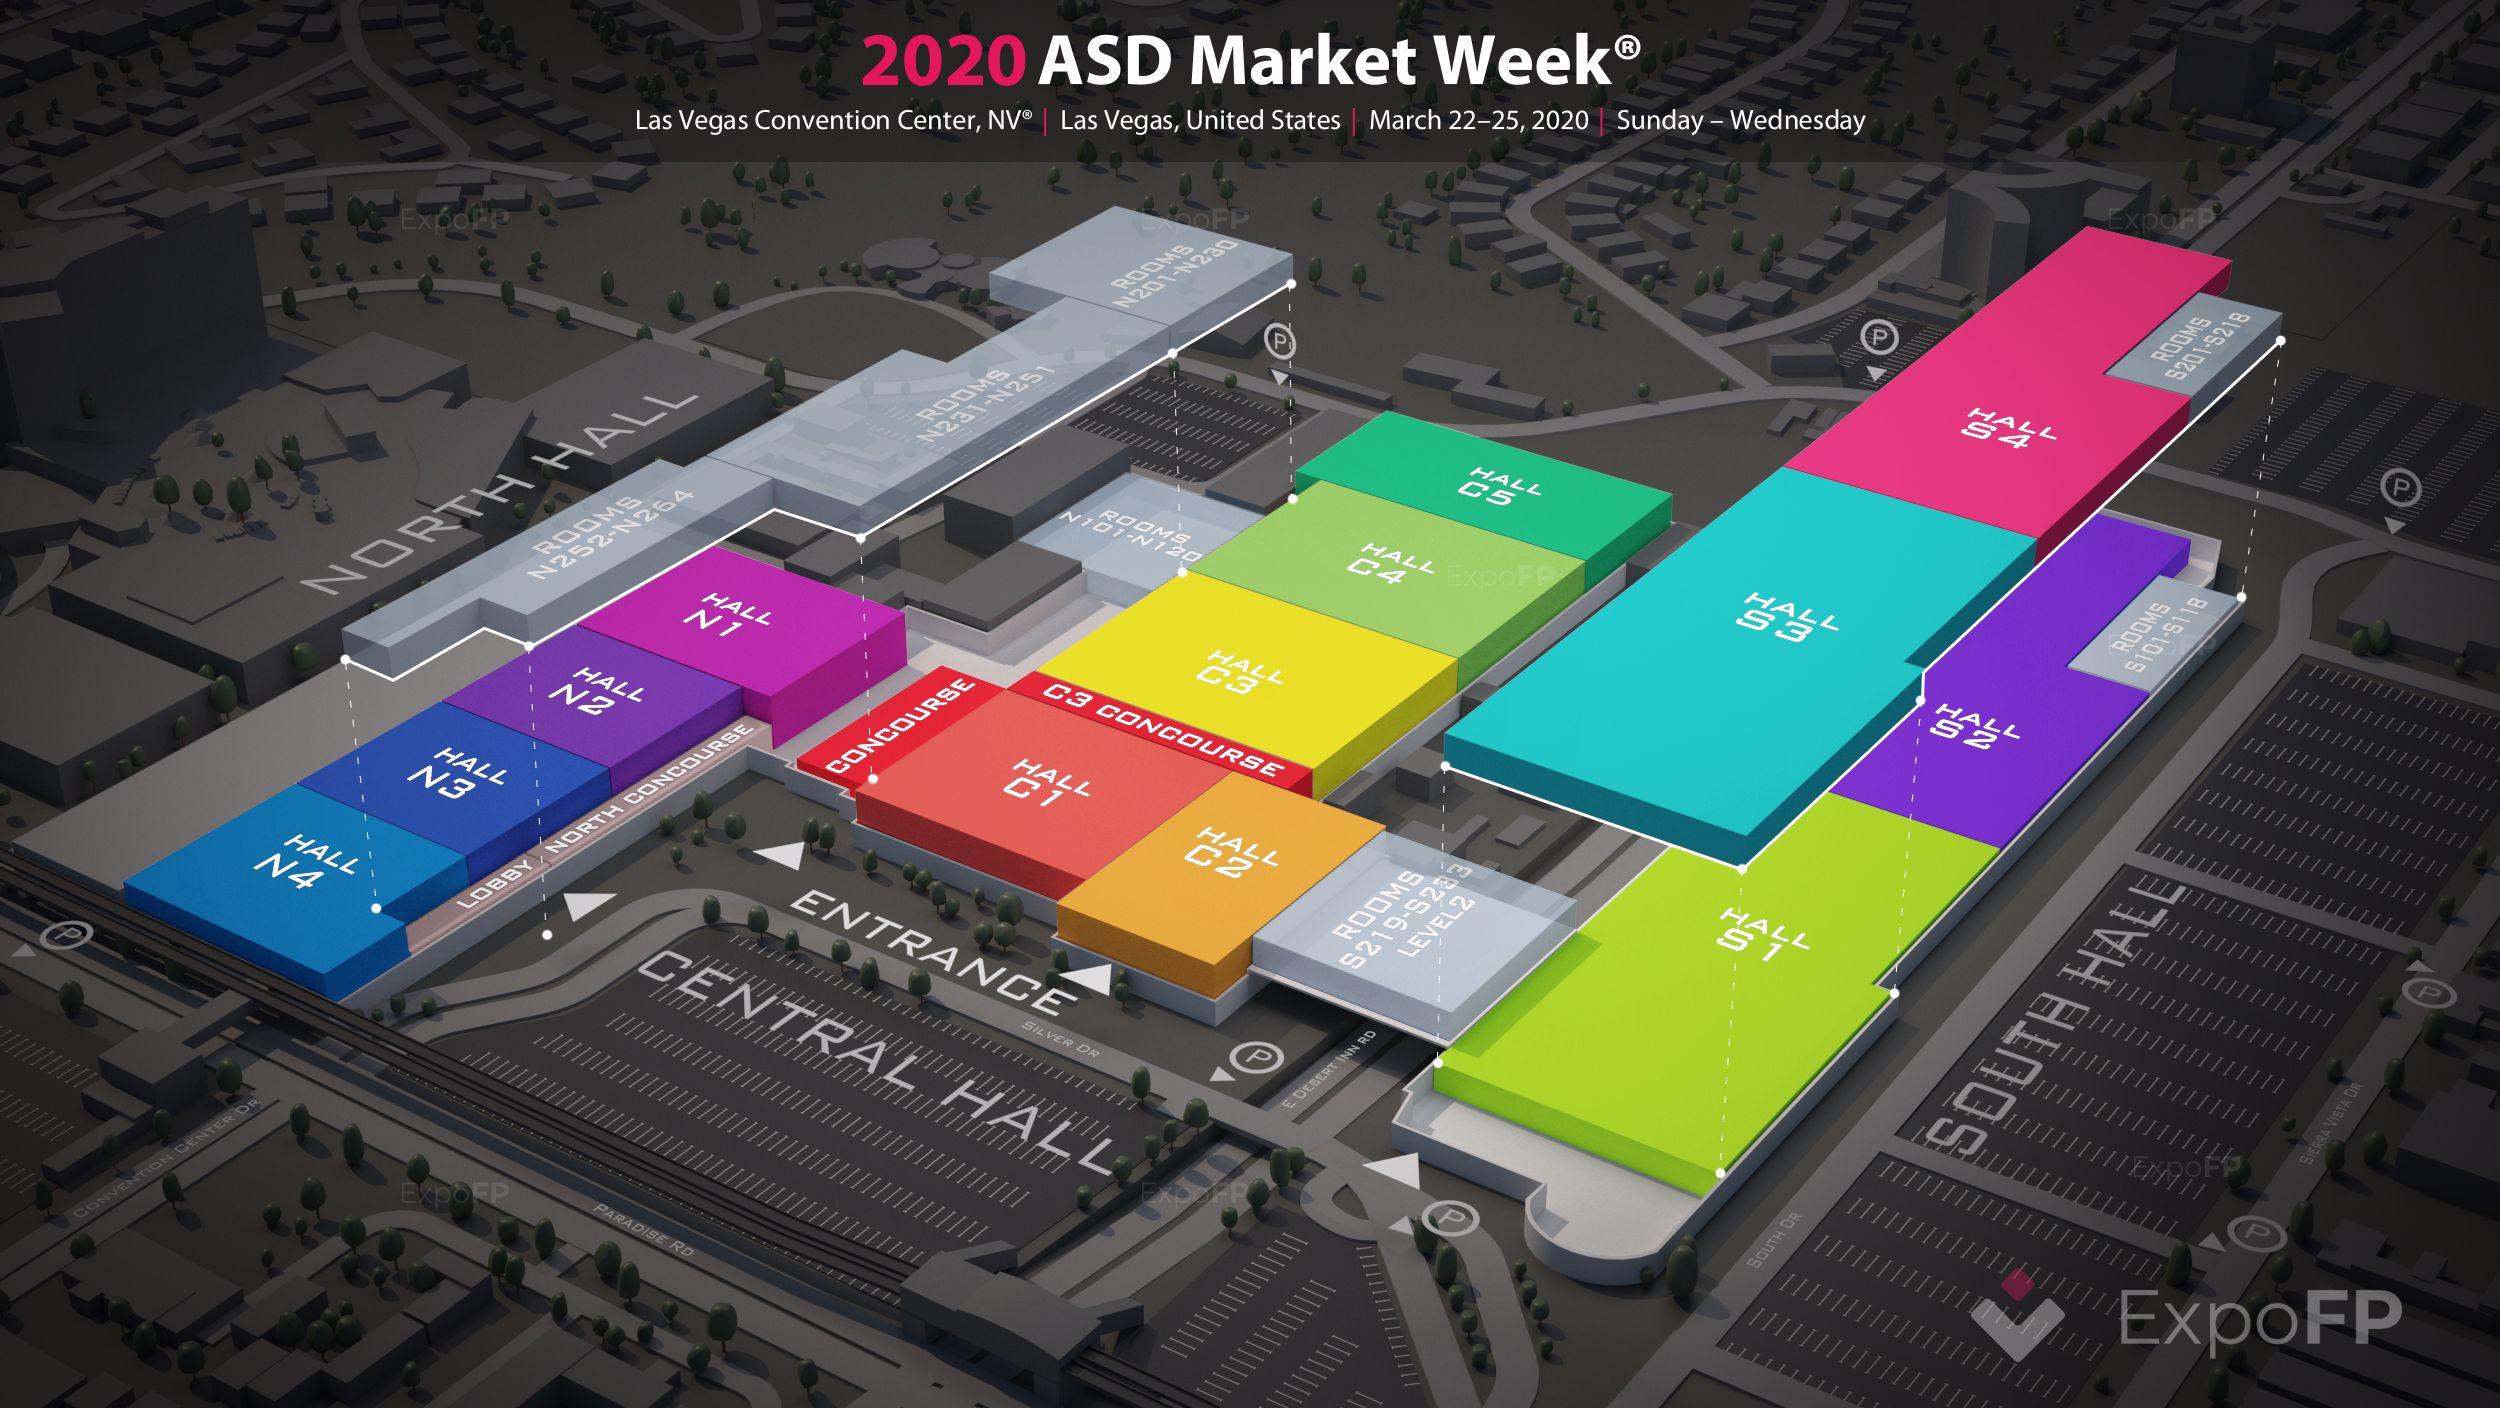 asd market week 2020